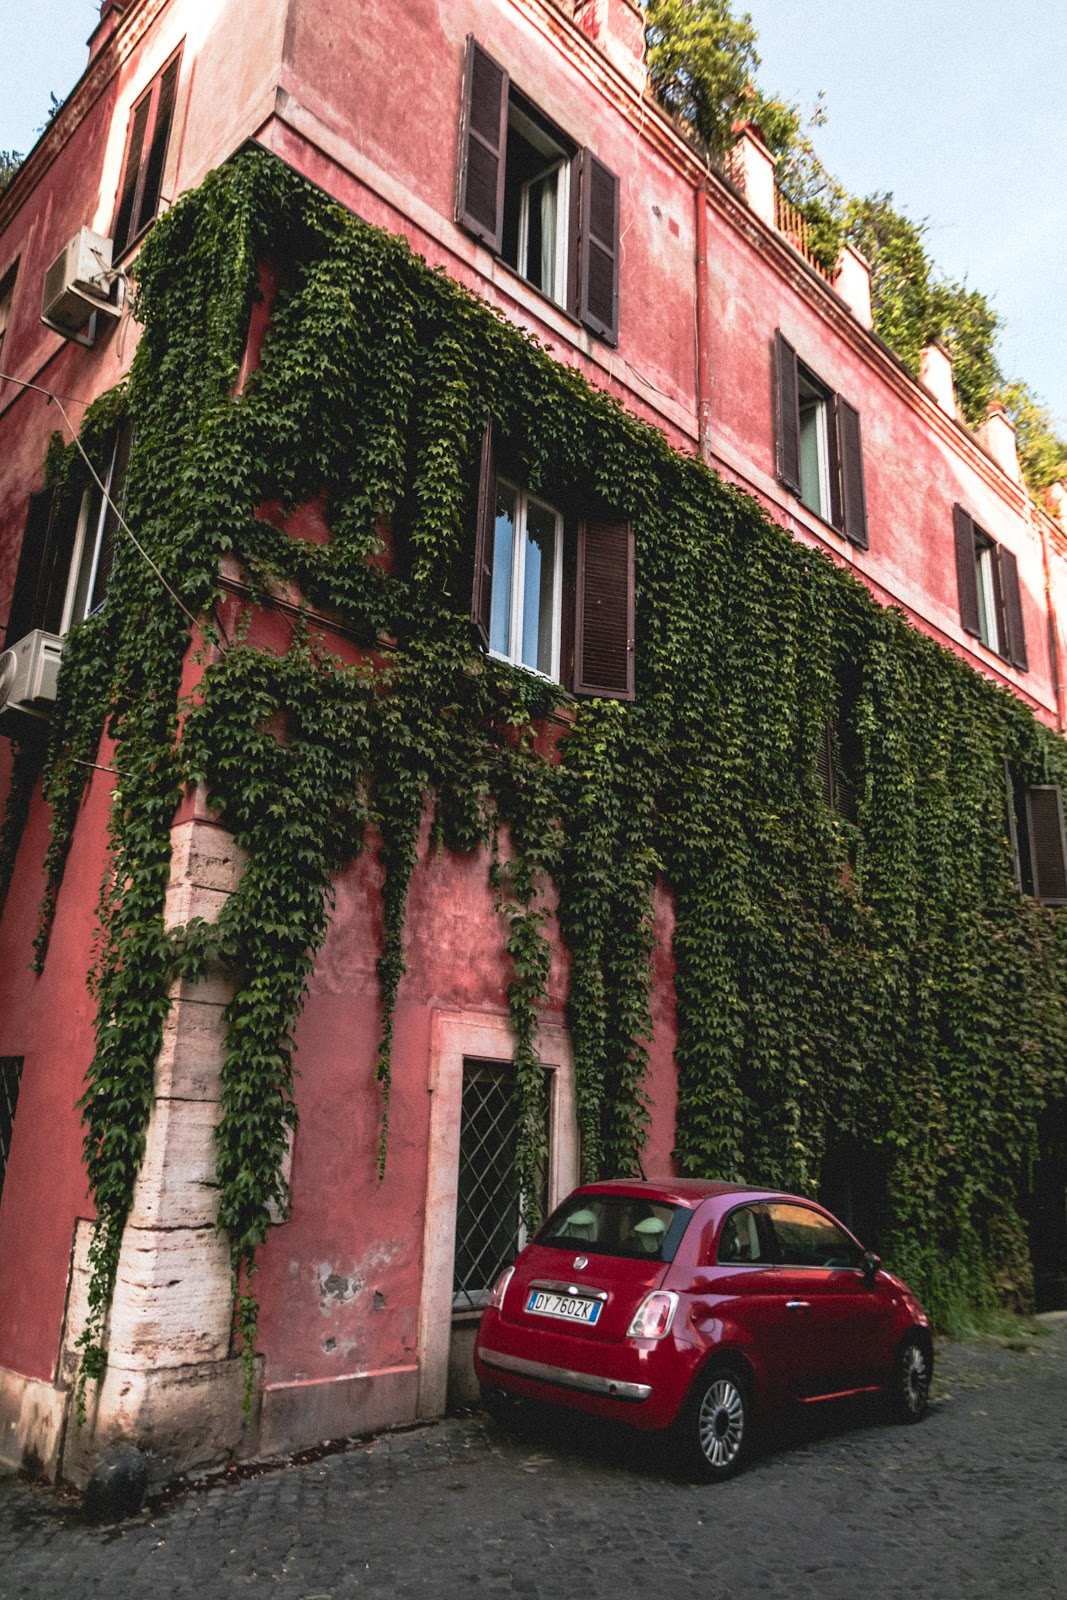 בניין אדום עם צמחיה מטפסת ומכונית אדומה לייד